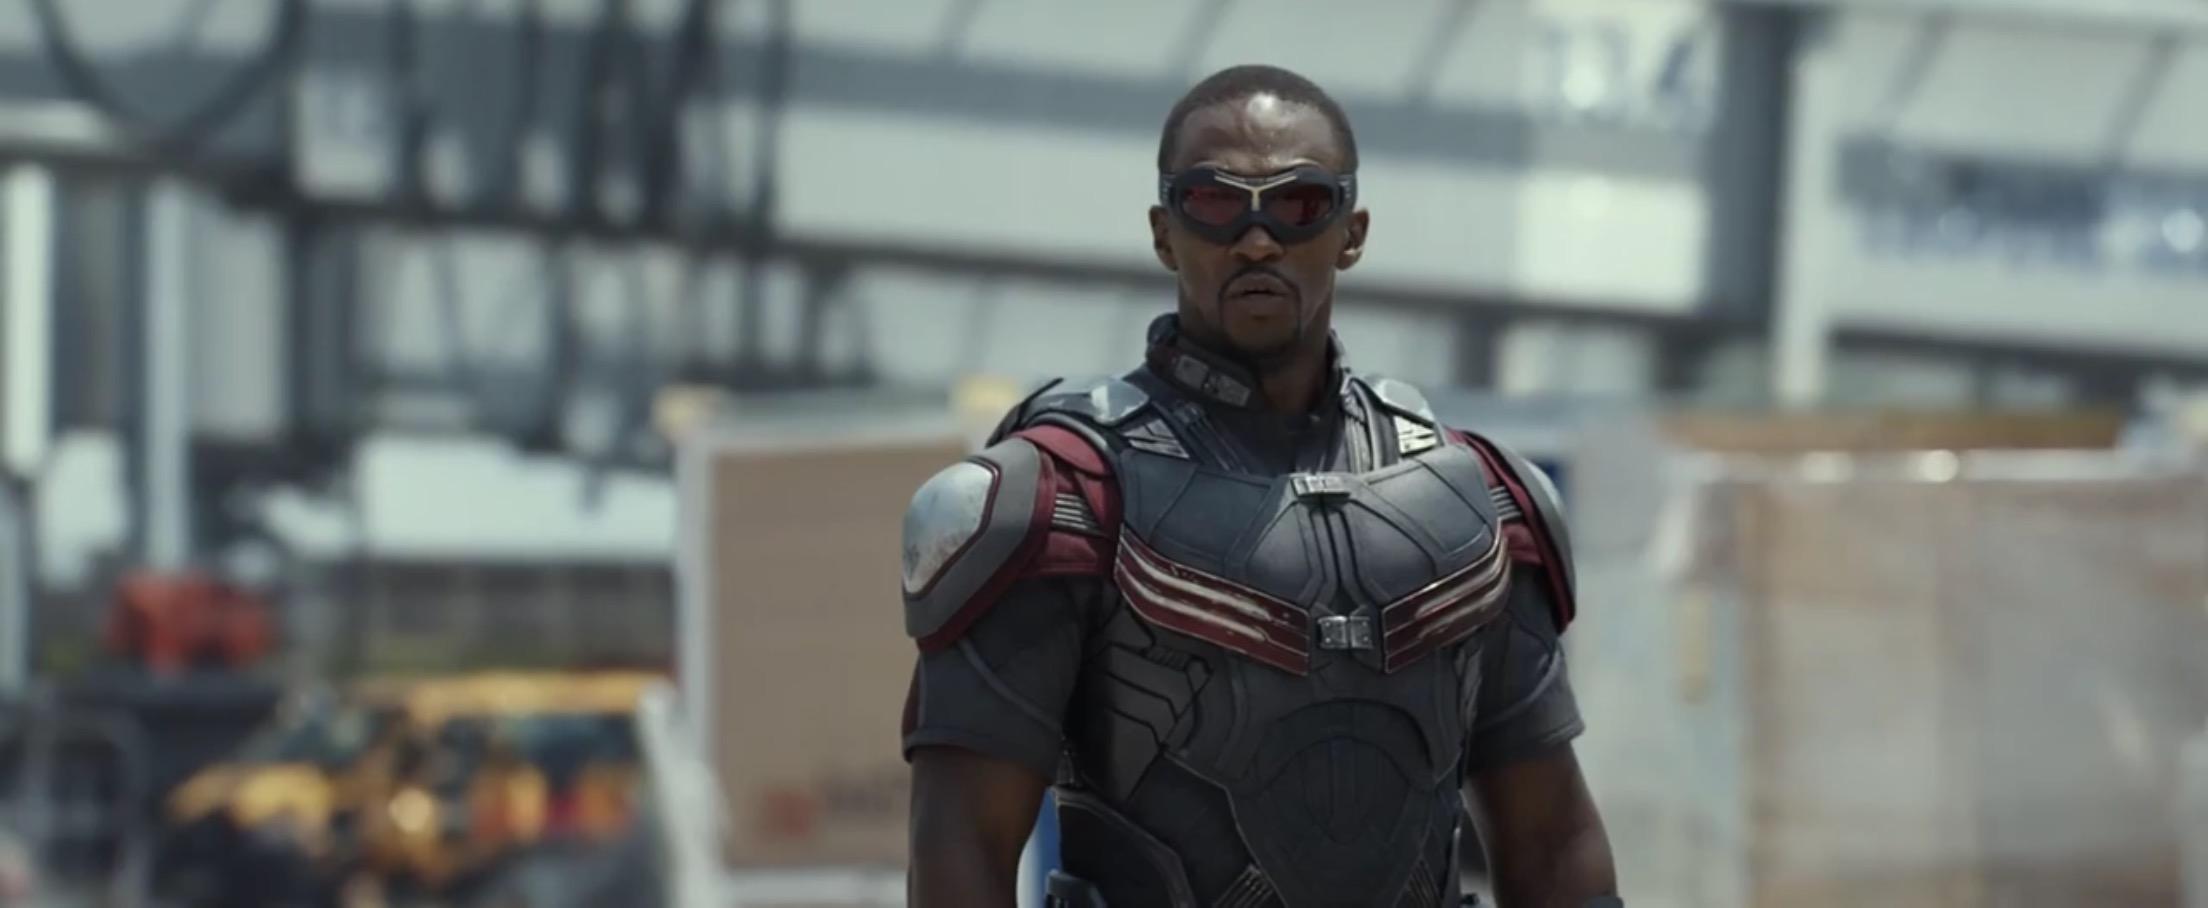 captain america civil war falcon